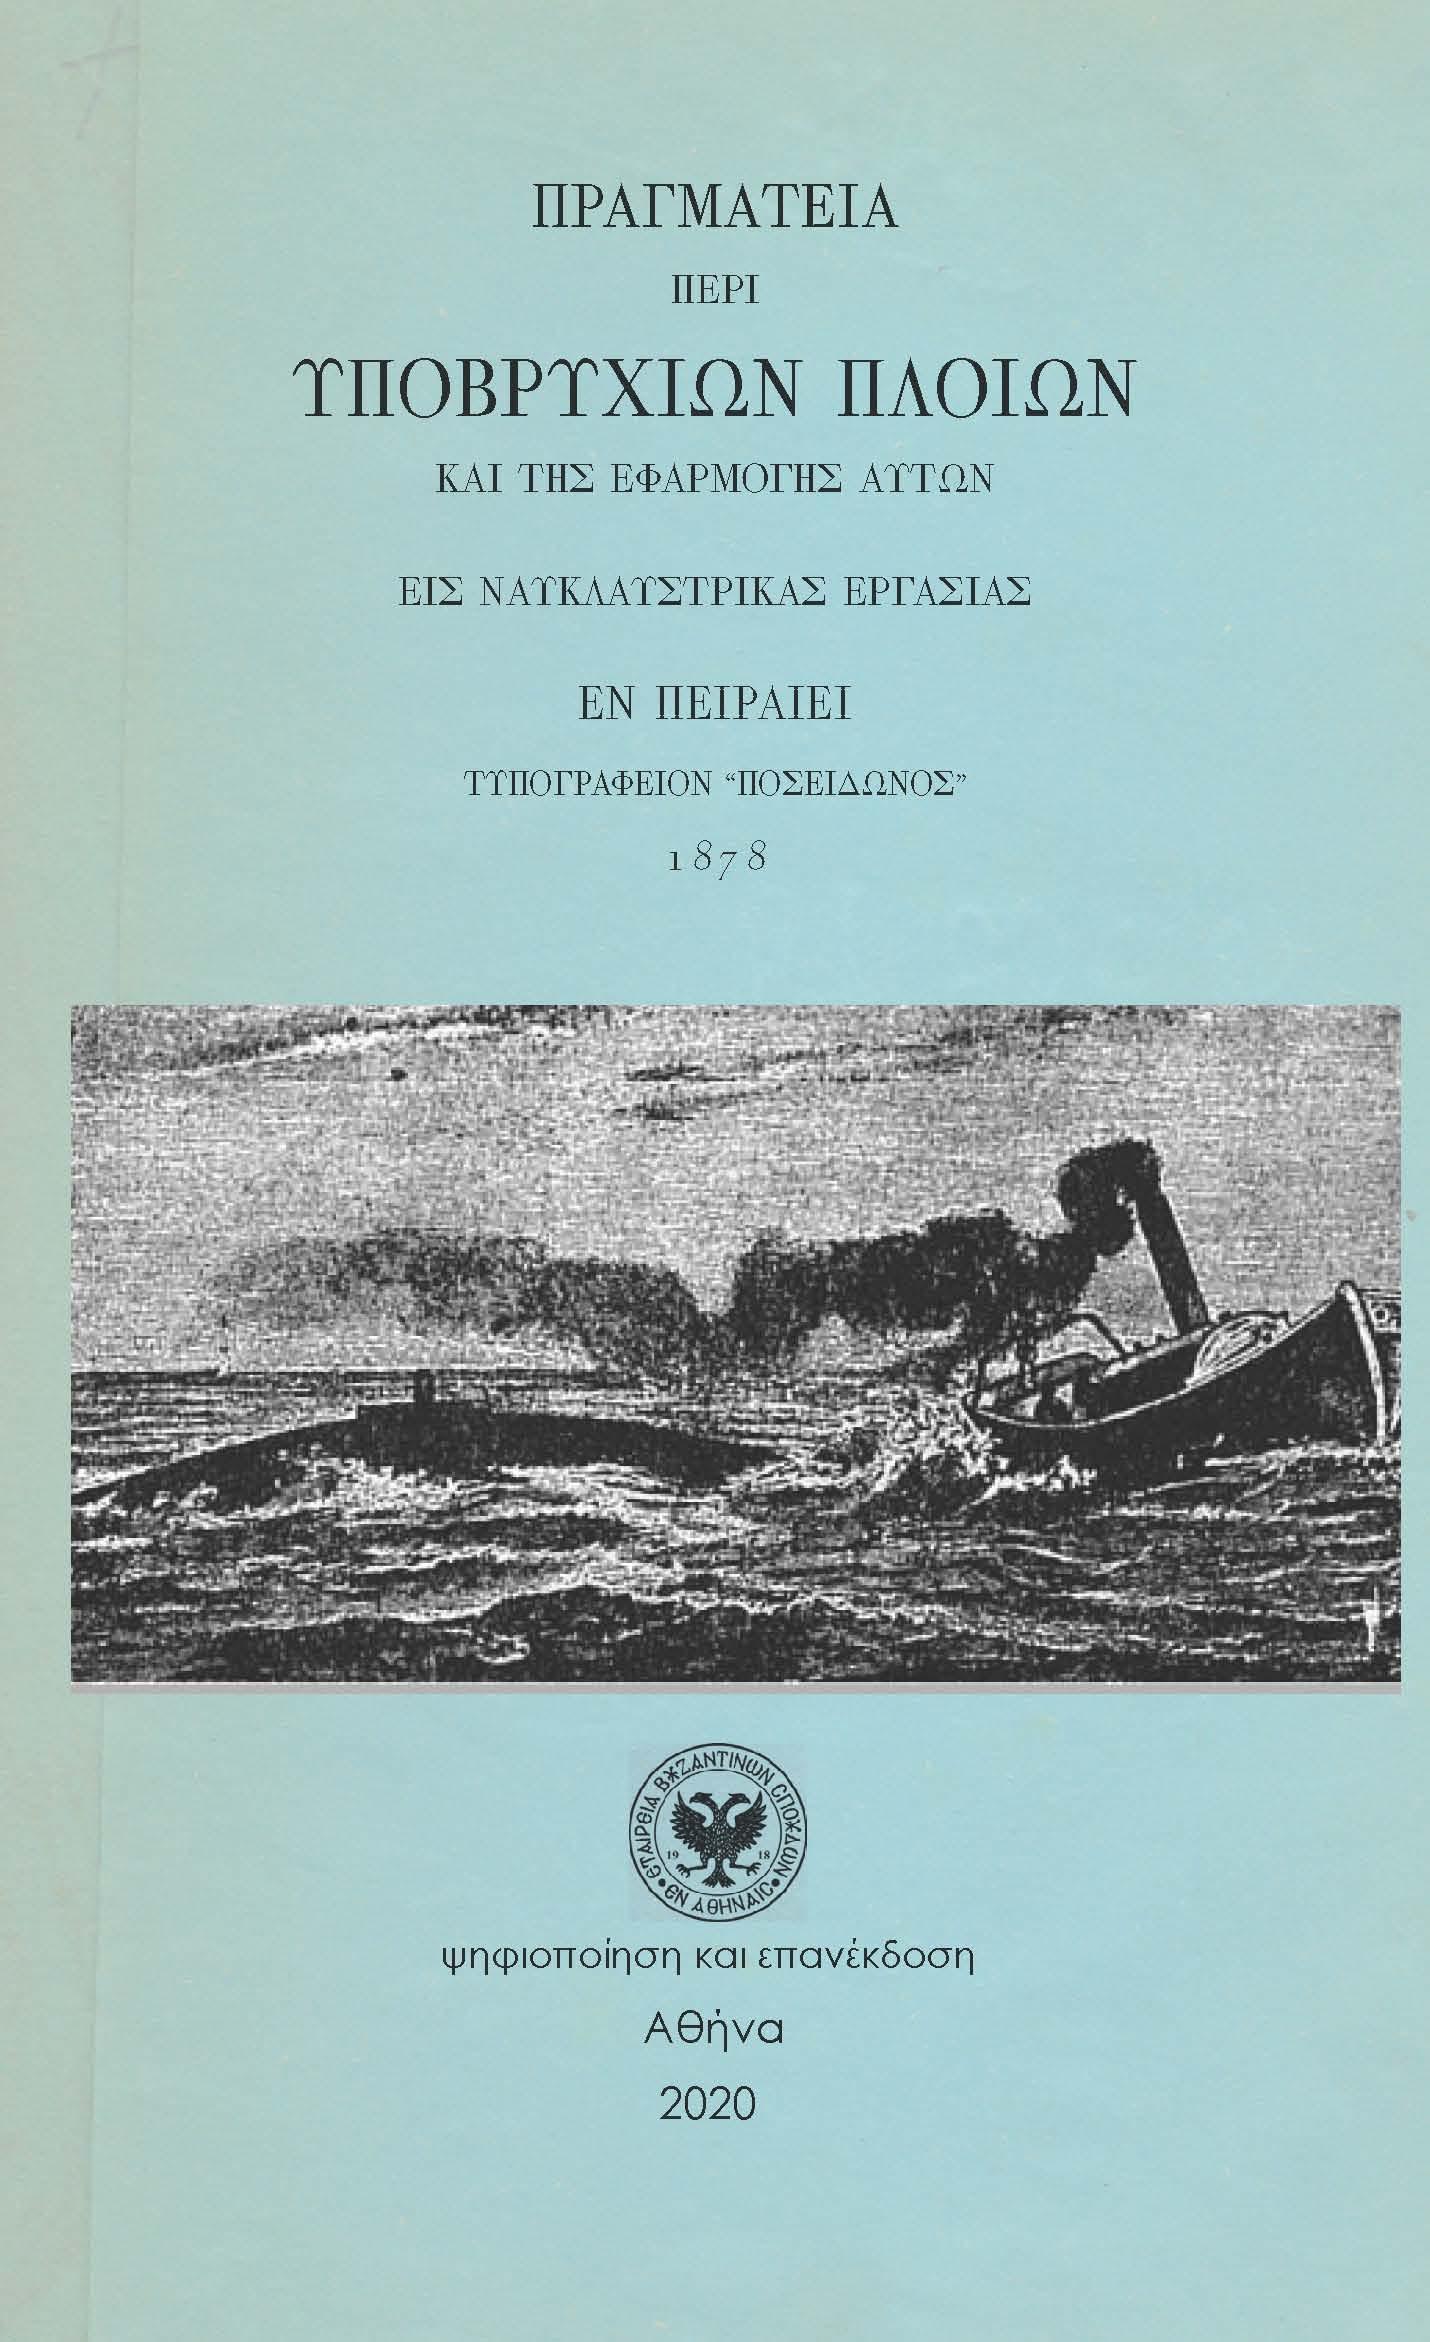 """Ψηφιοποίηση τοῦ βιβλίου """"Πραγματεία περὶ ὑποβρυχίων πλοίων"""", 1878"""